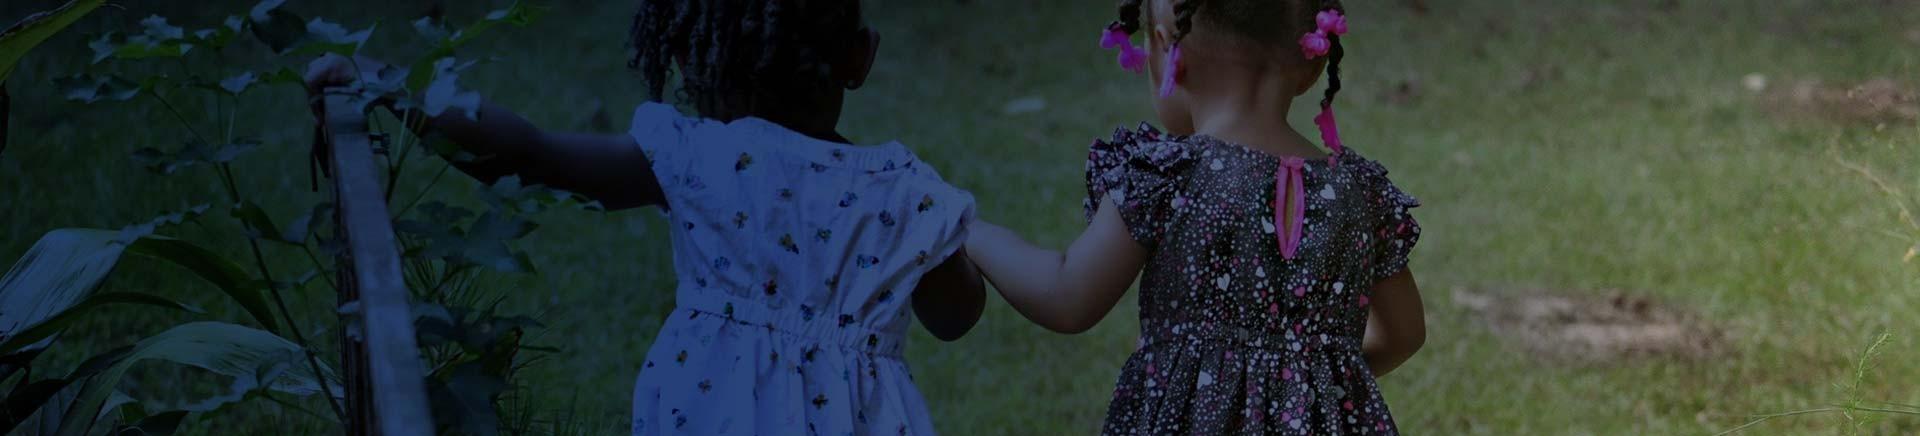 Süße Kinder- und Babystoffe kaufen | JAVRO Stoffmarkt